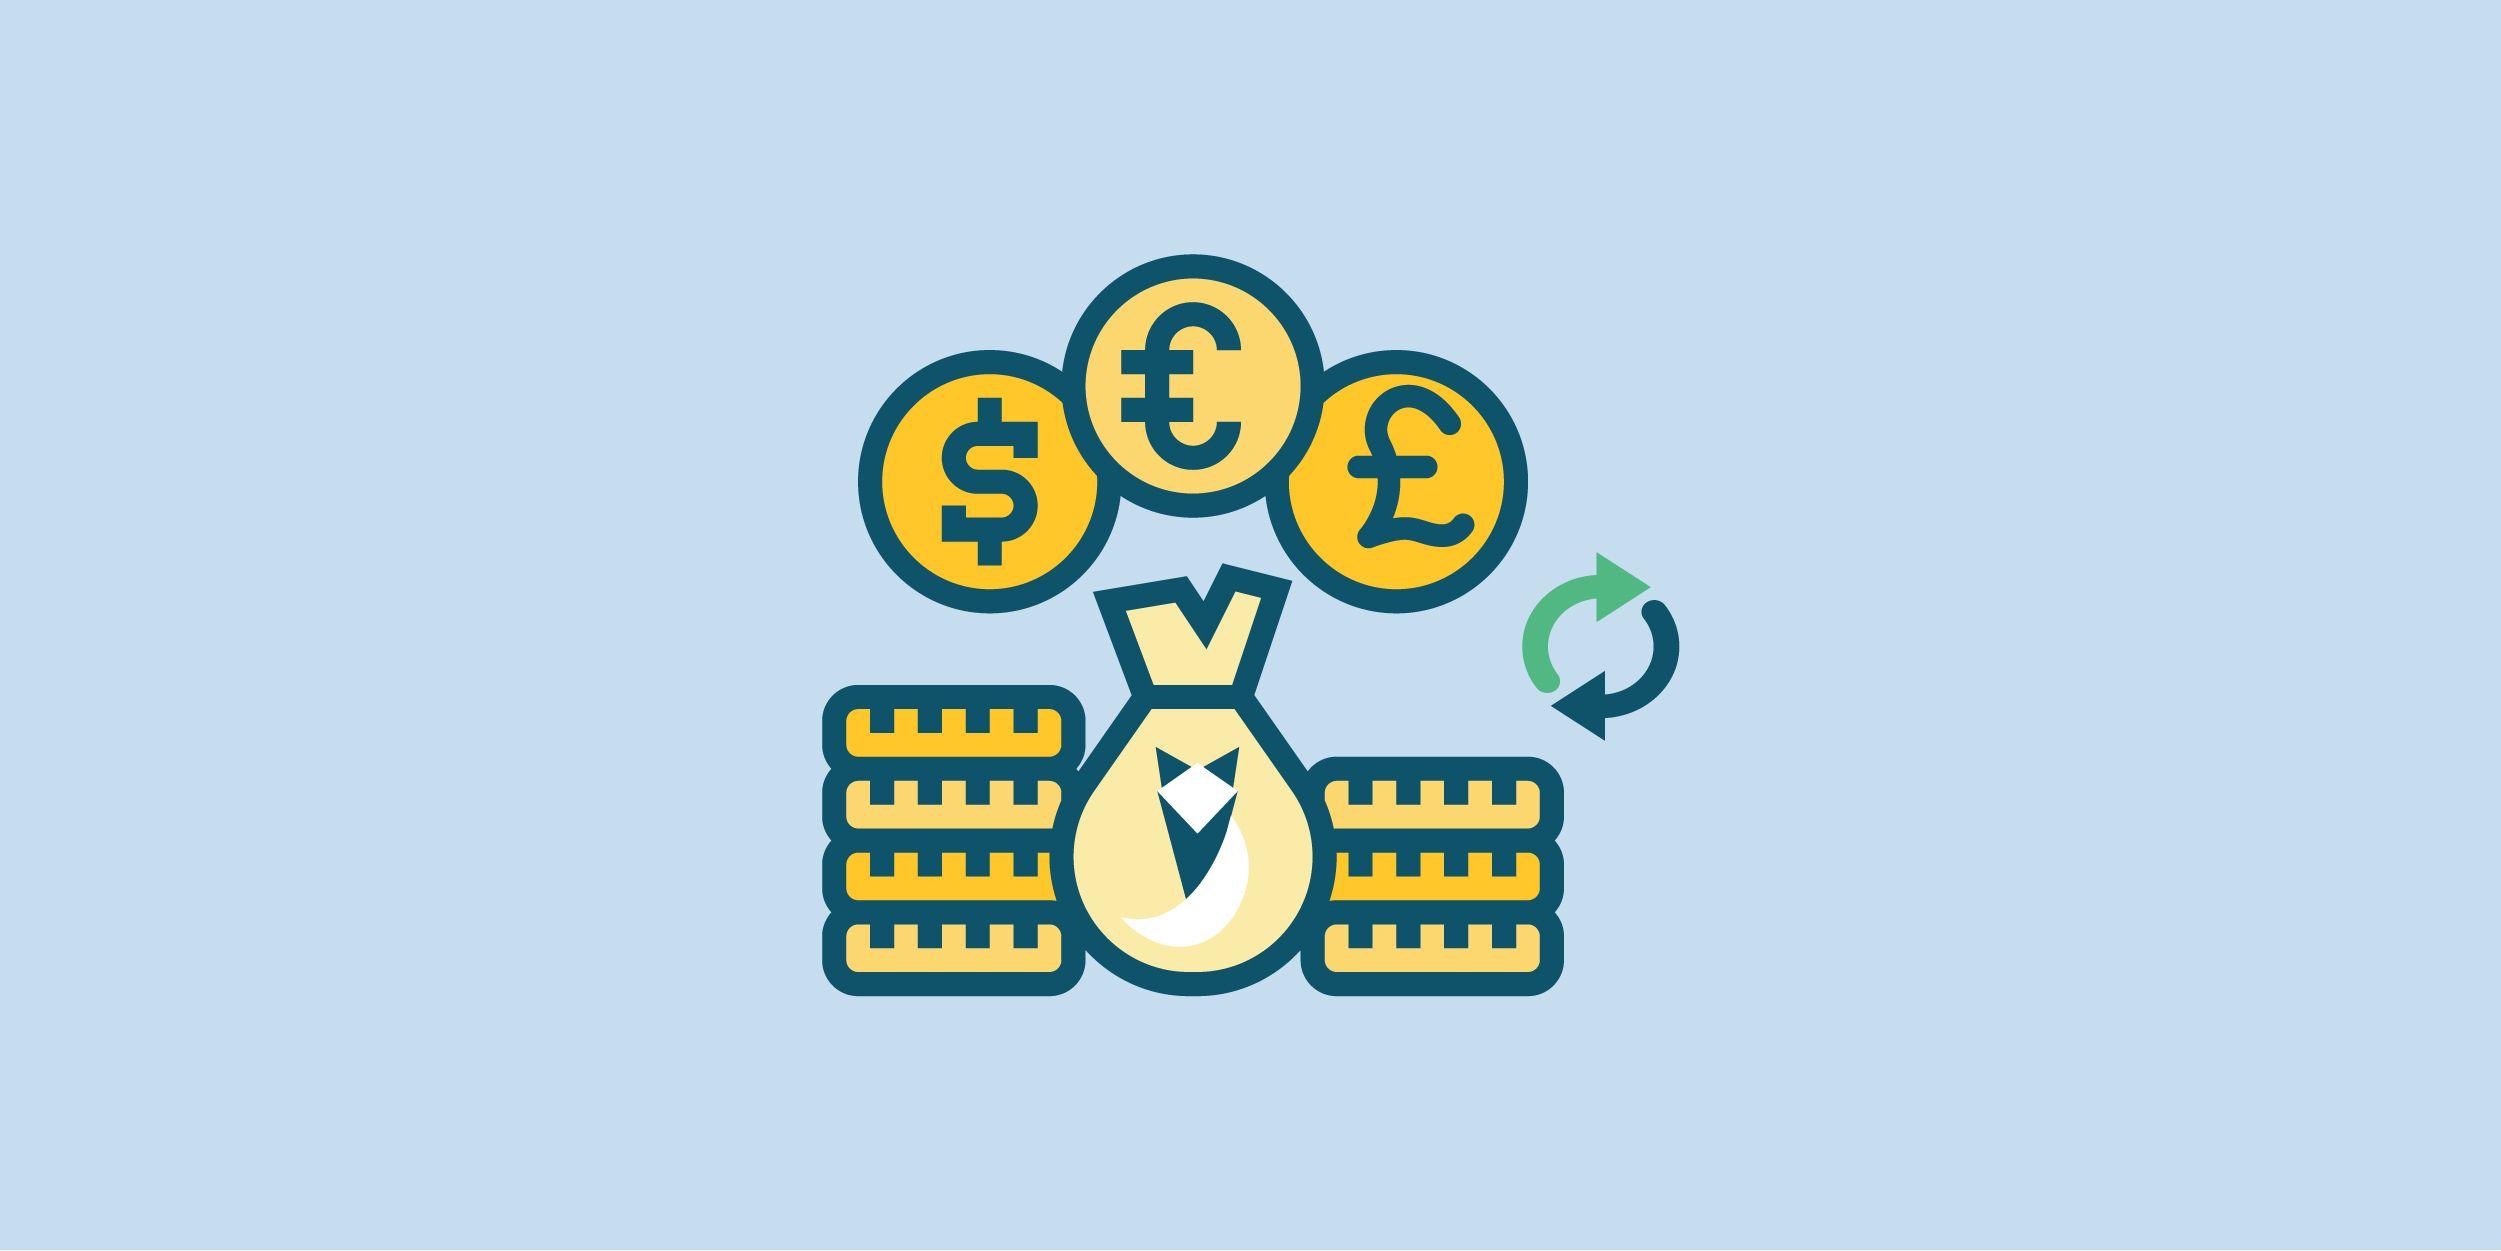 أسعار العملات الأجنبية اليوم: الأحد 1 أغسطس 2021